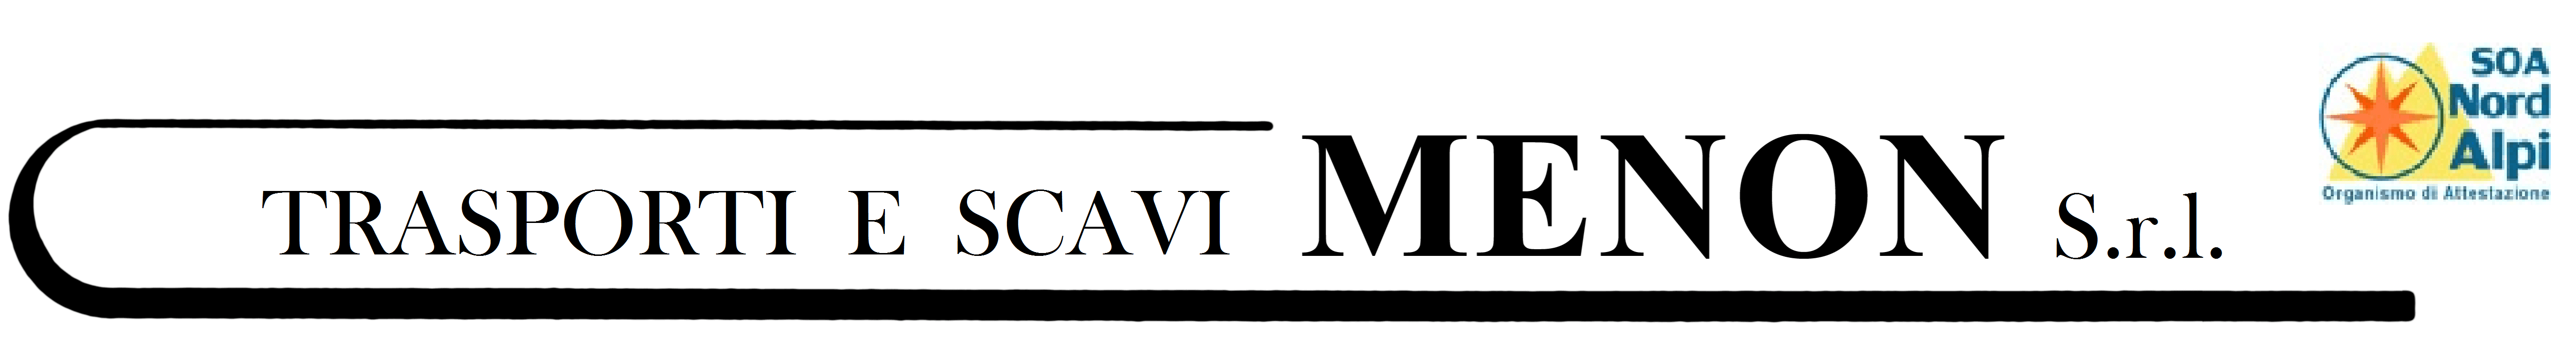 Trasporti E Scavi Menon - Logo